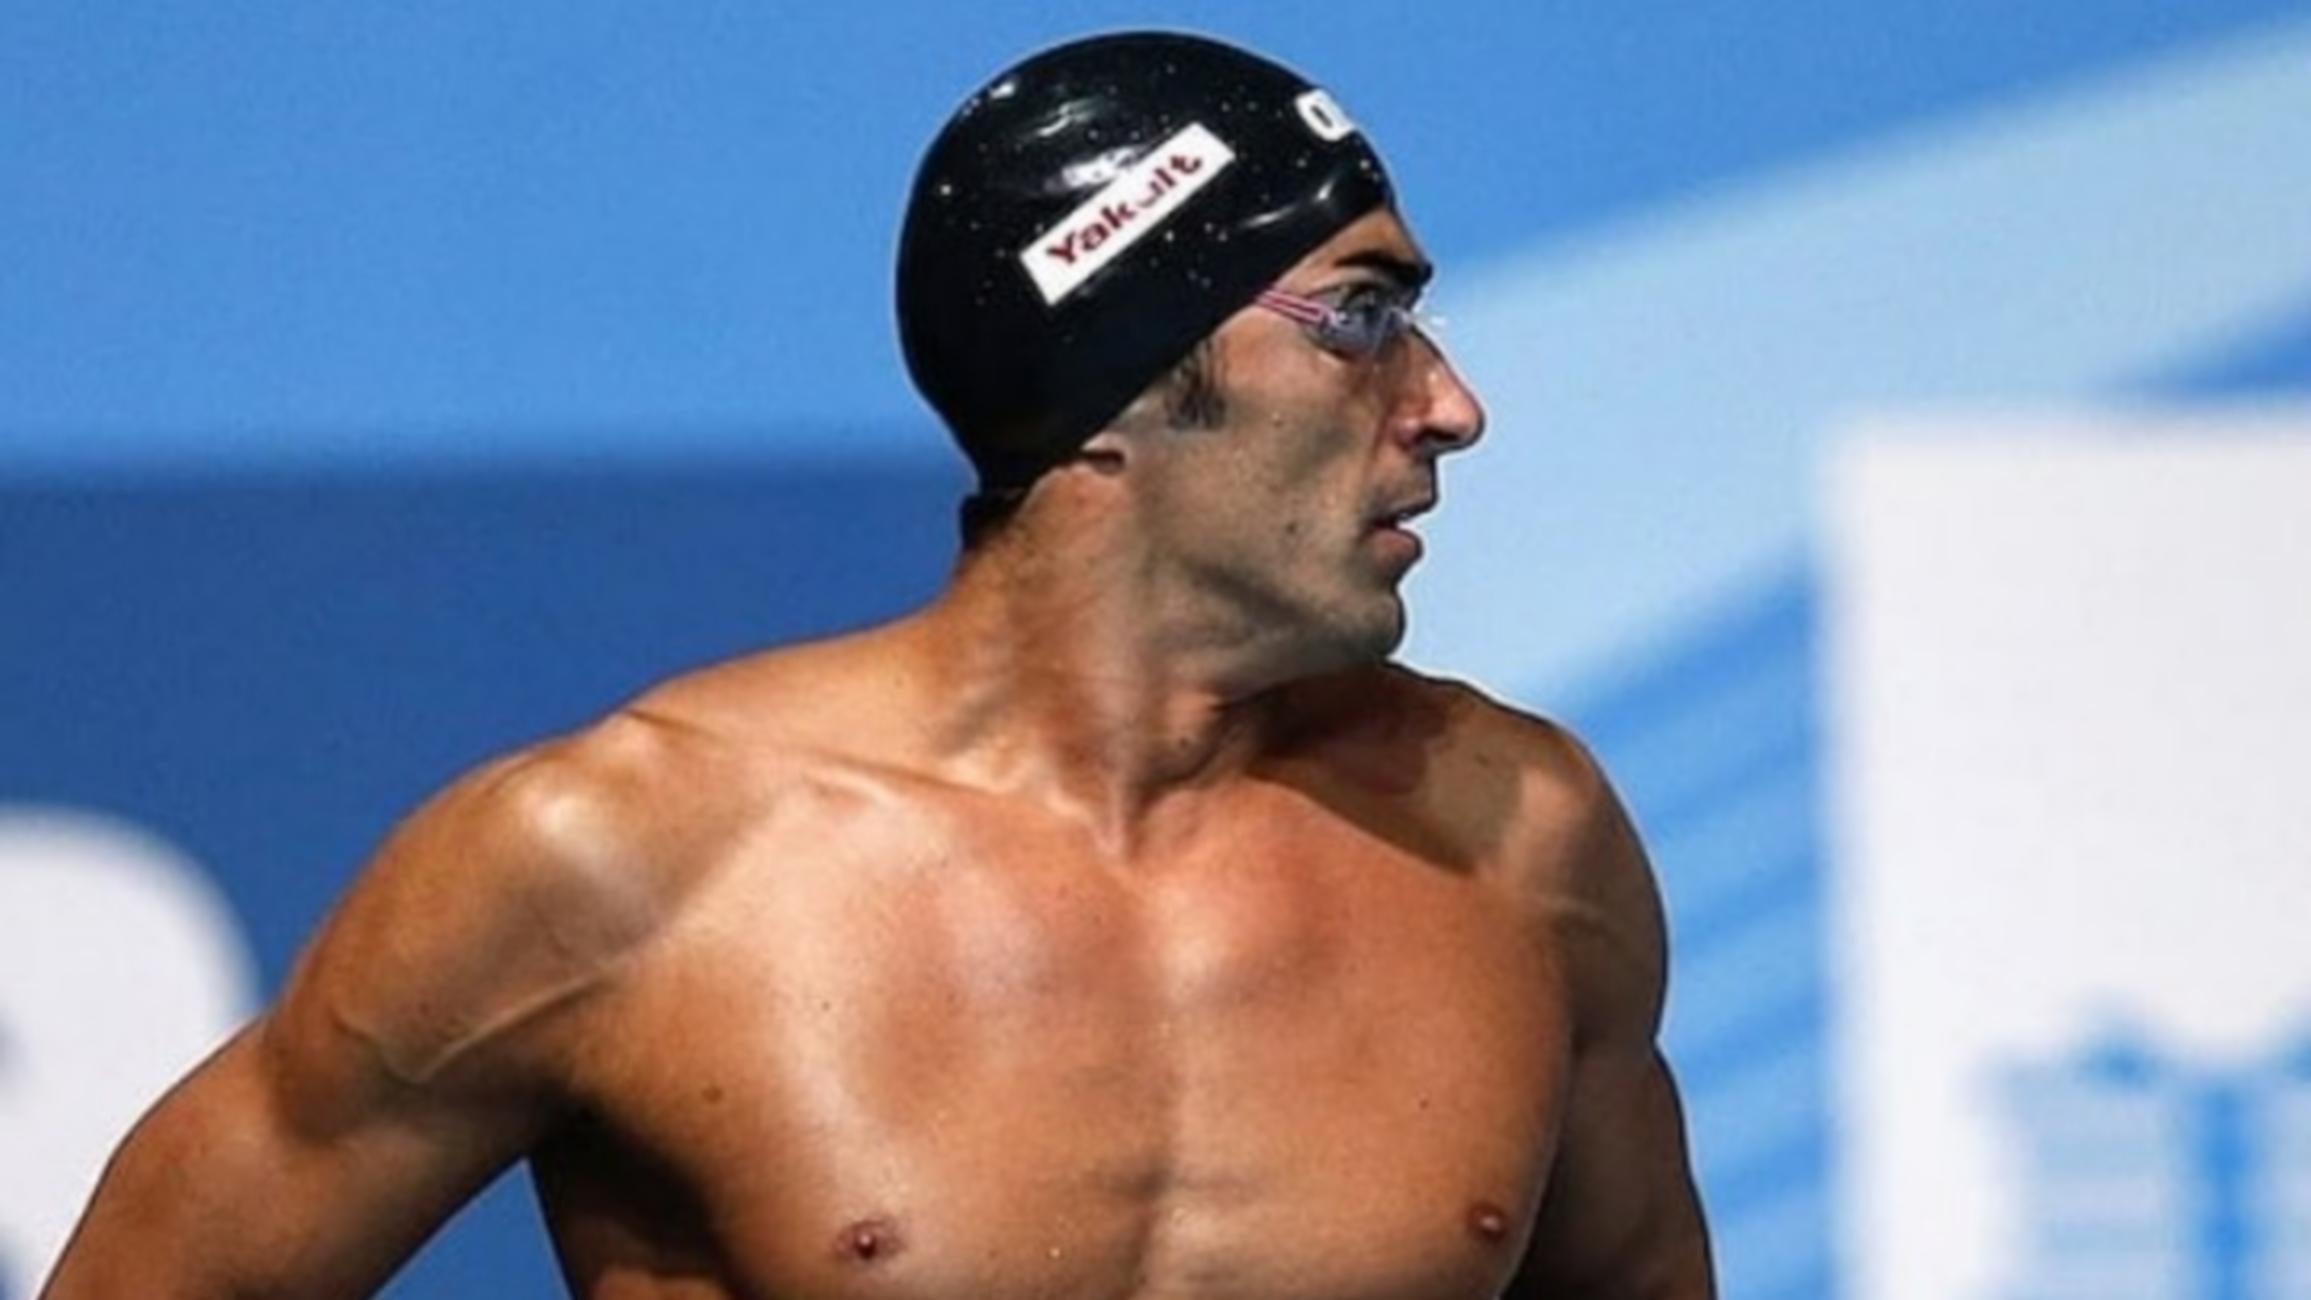 Ολυμπιονίκης έσωσε 45χρονο άντρα από πνιγμό!